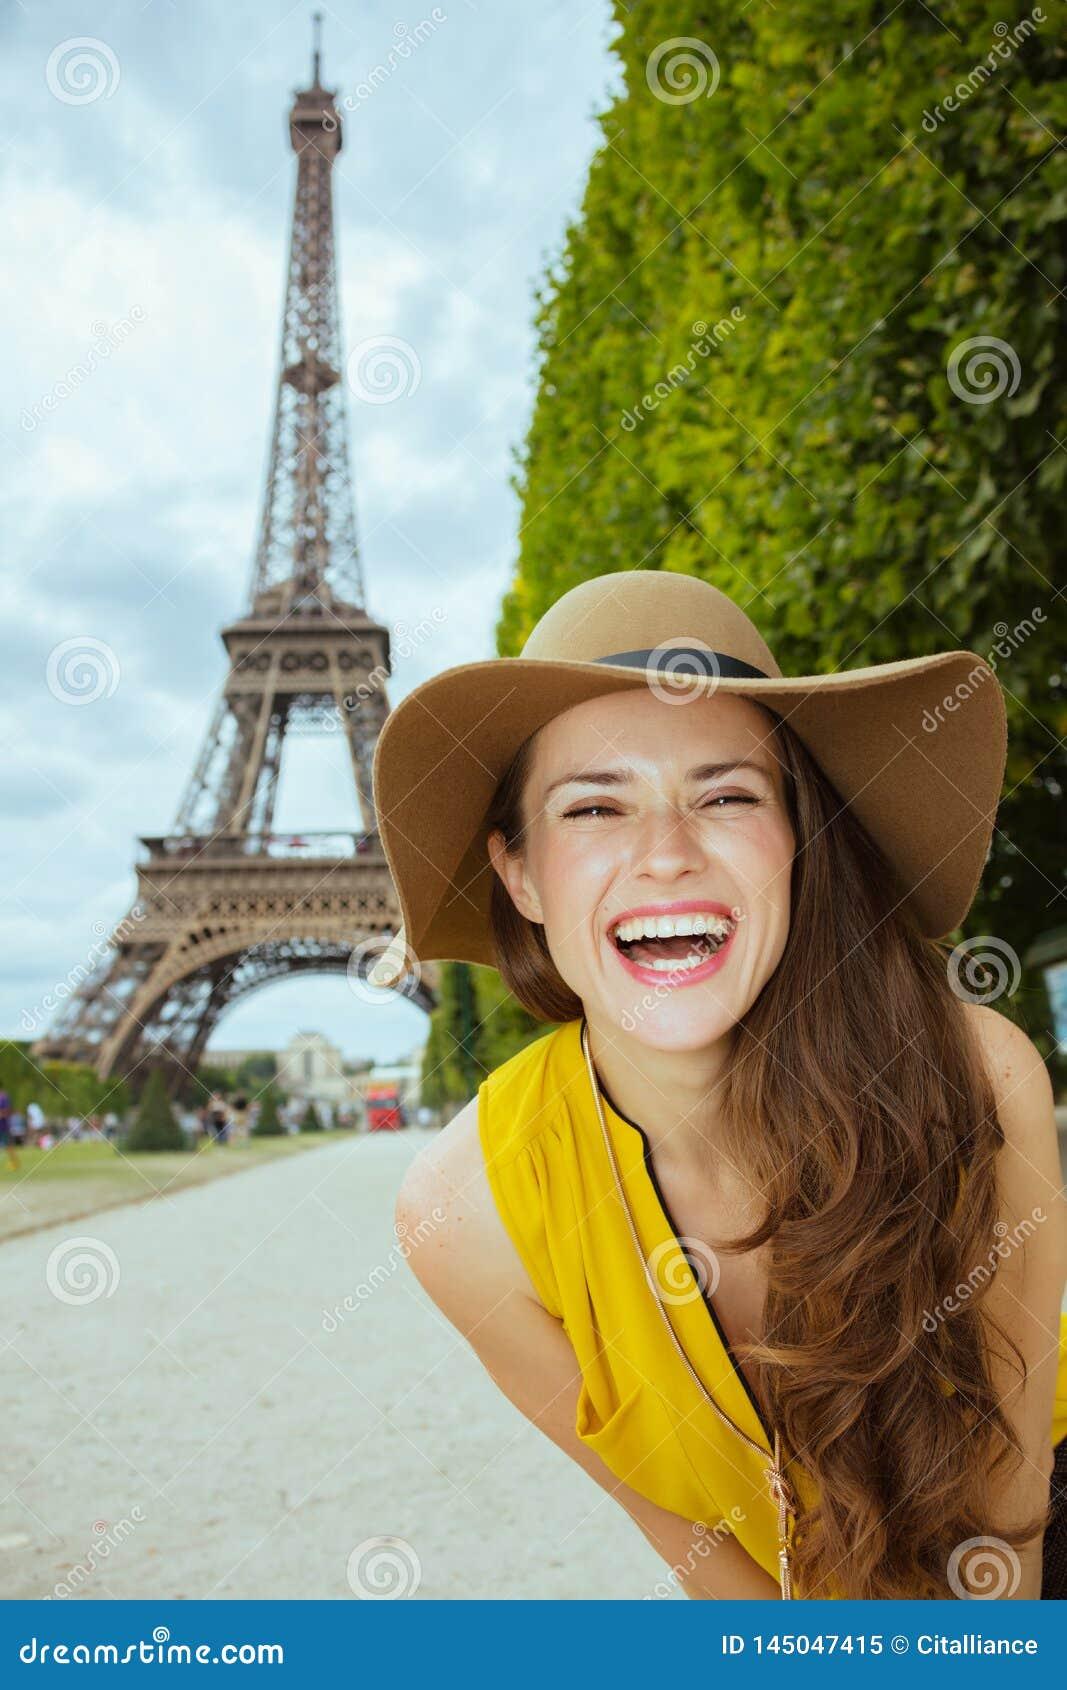 反对埃菲尔铁塔清晰视界的旅游妇女